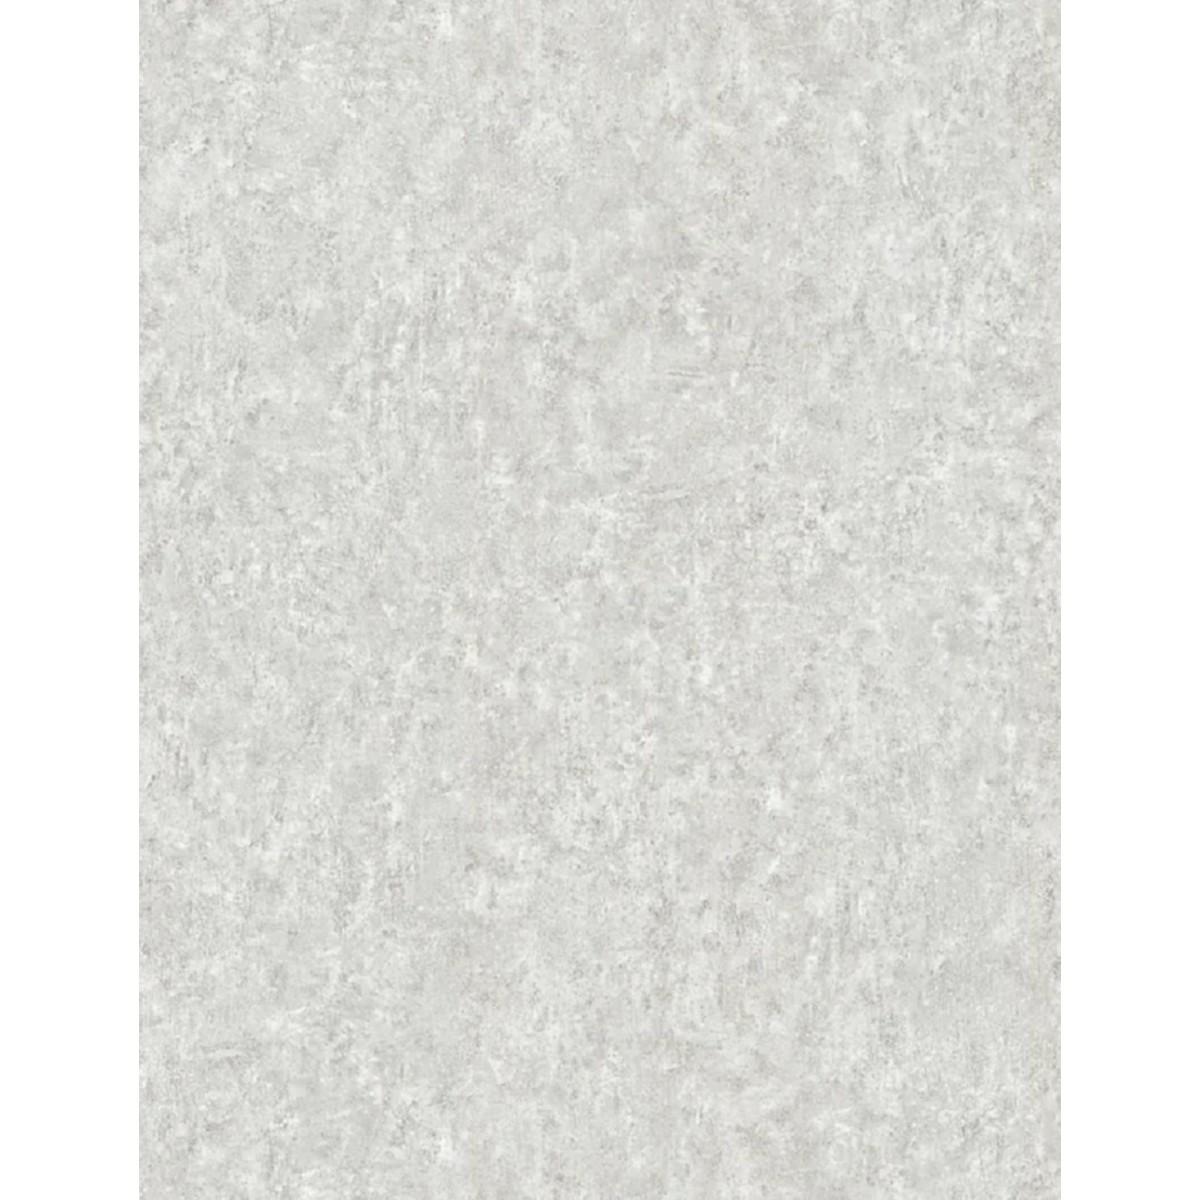 Обои флизелиновые Emiliana Parati Unconventional серые 0.53 м 50025UC